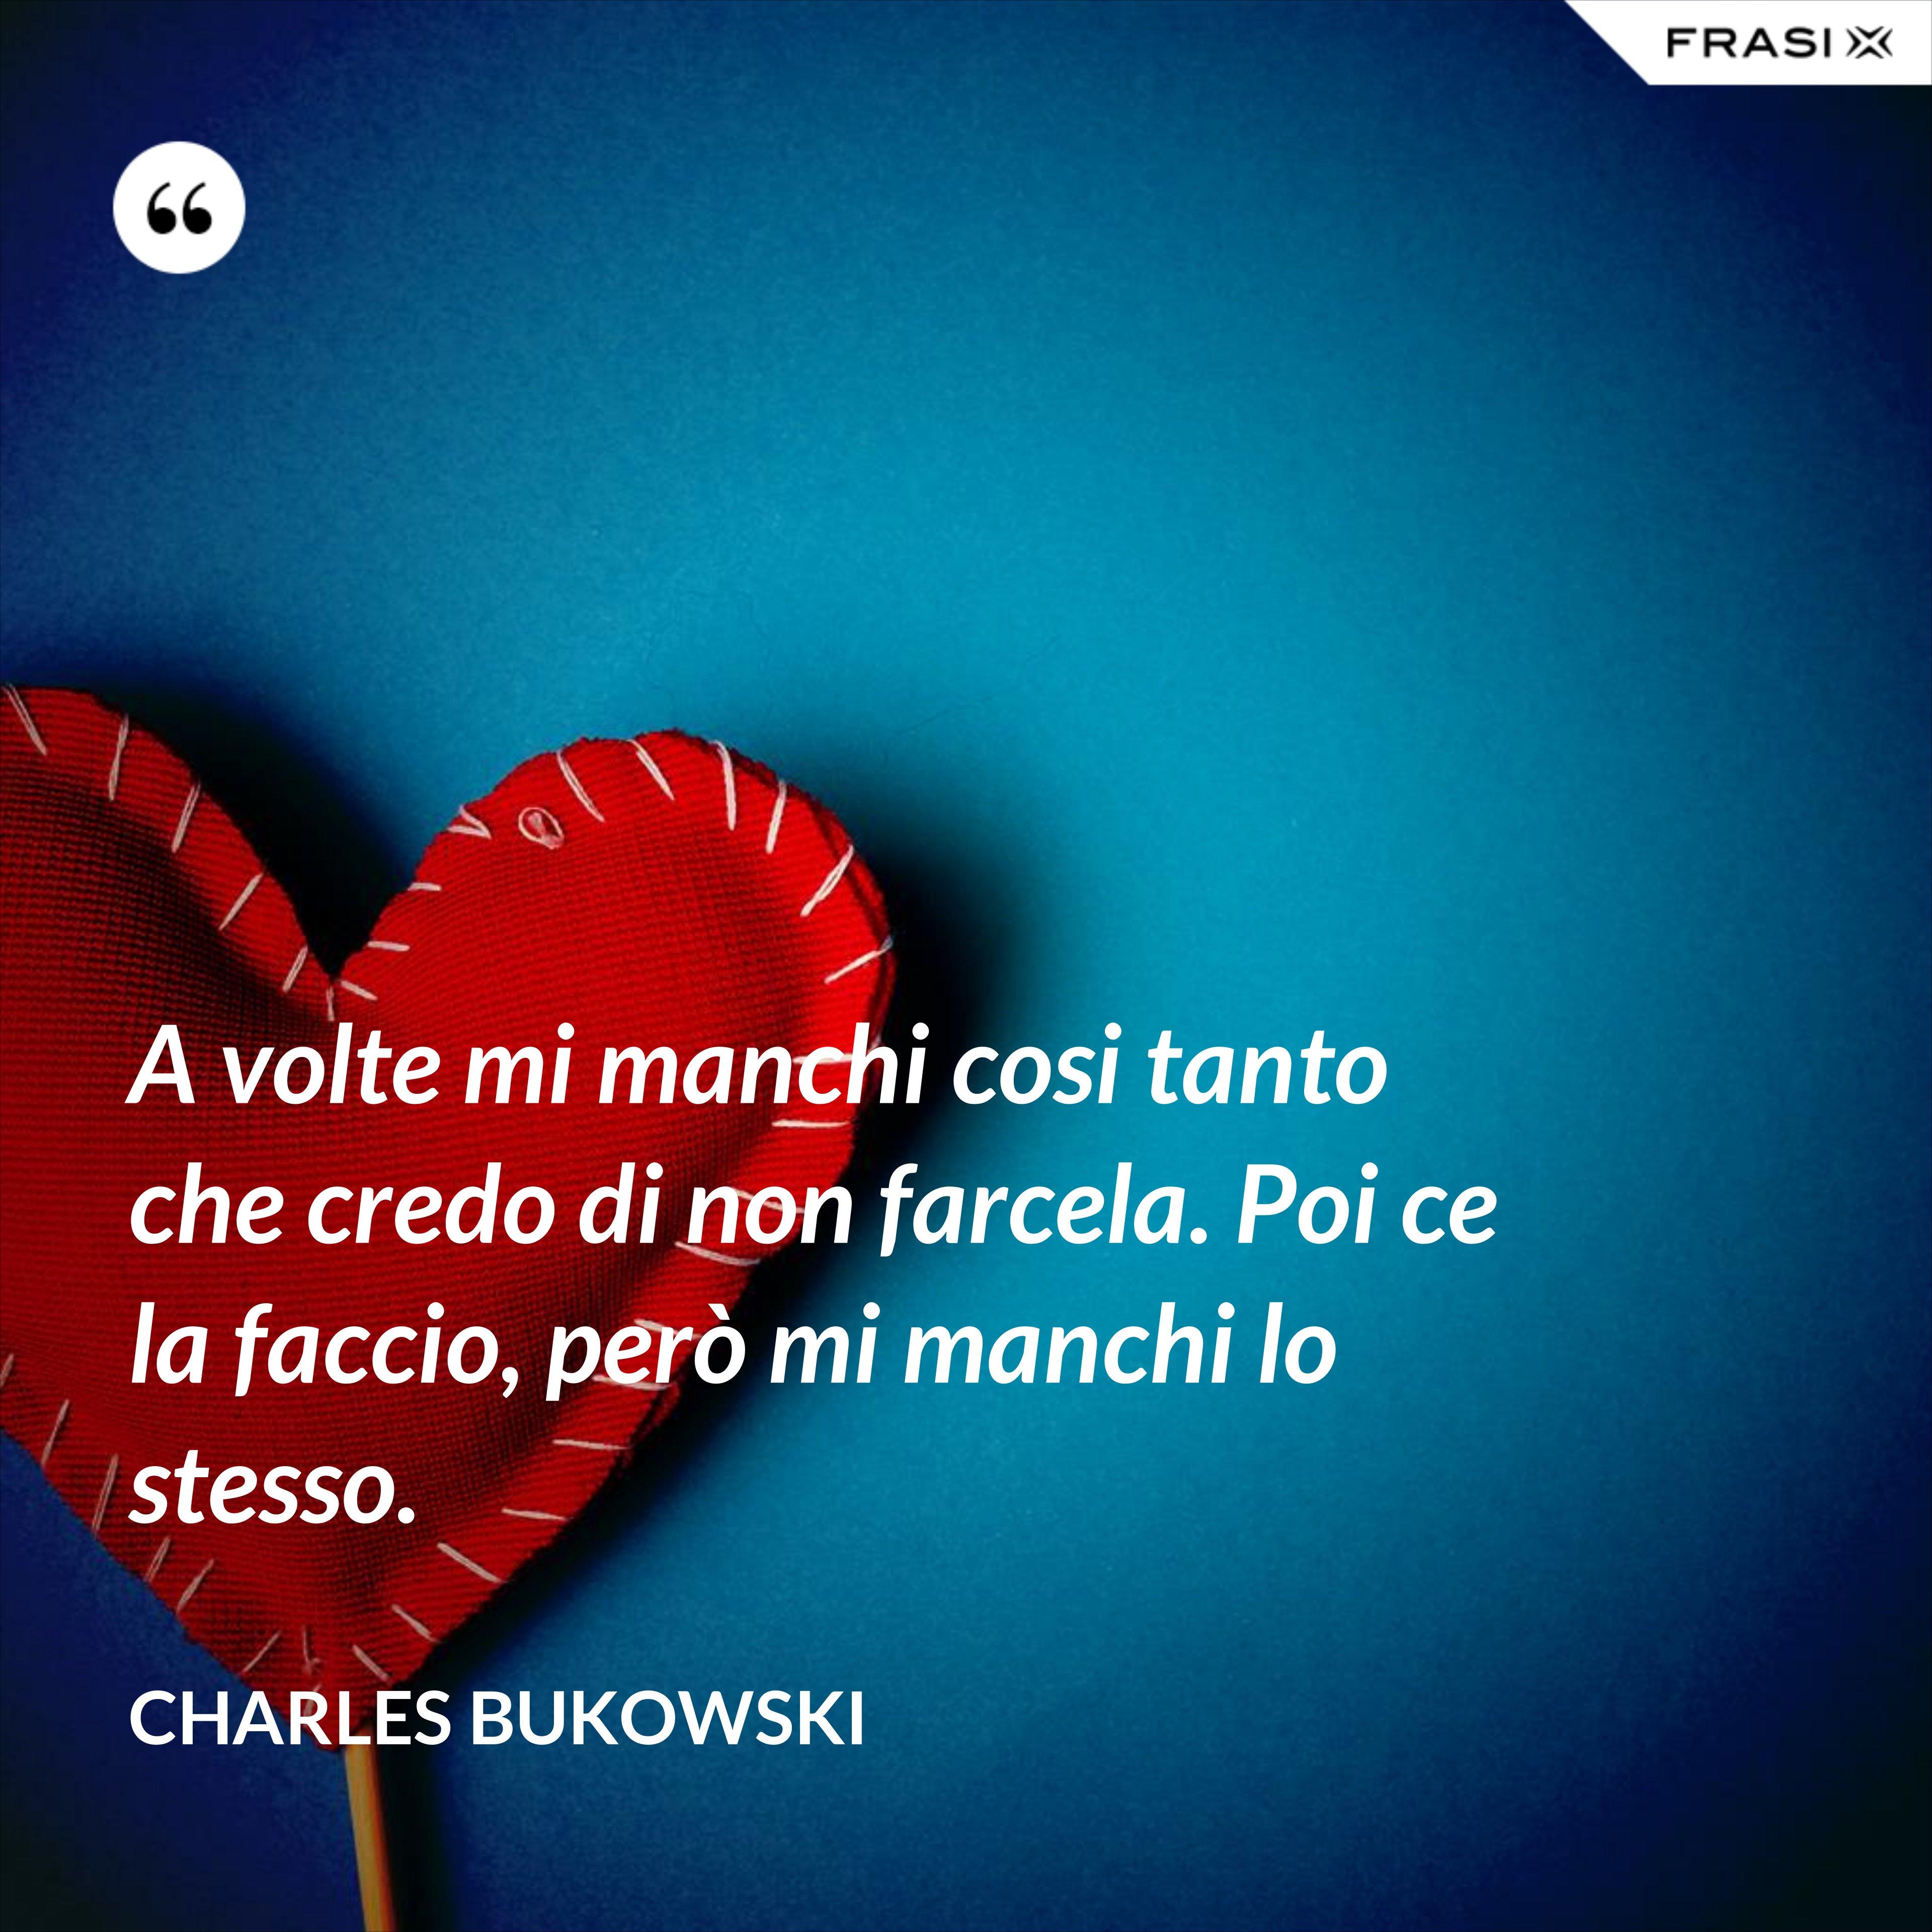 A volte mi manchi cosi tanto che credo di non farcela. Poi ce la faccio, però mi manchi lo stesso. - Charles Bukowski